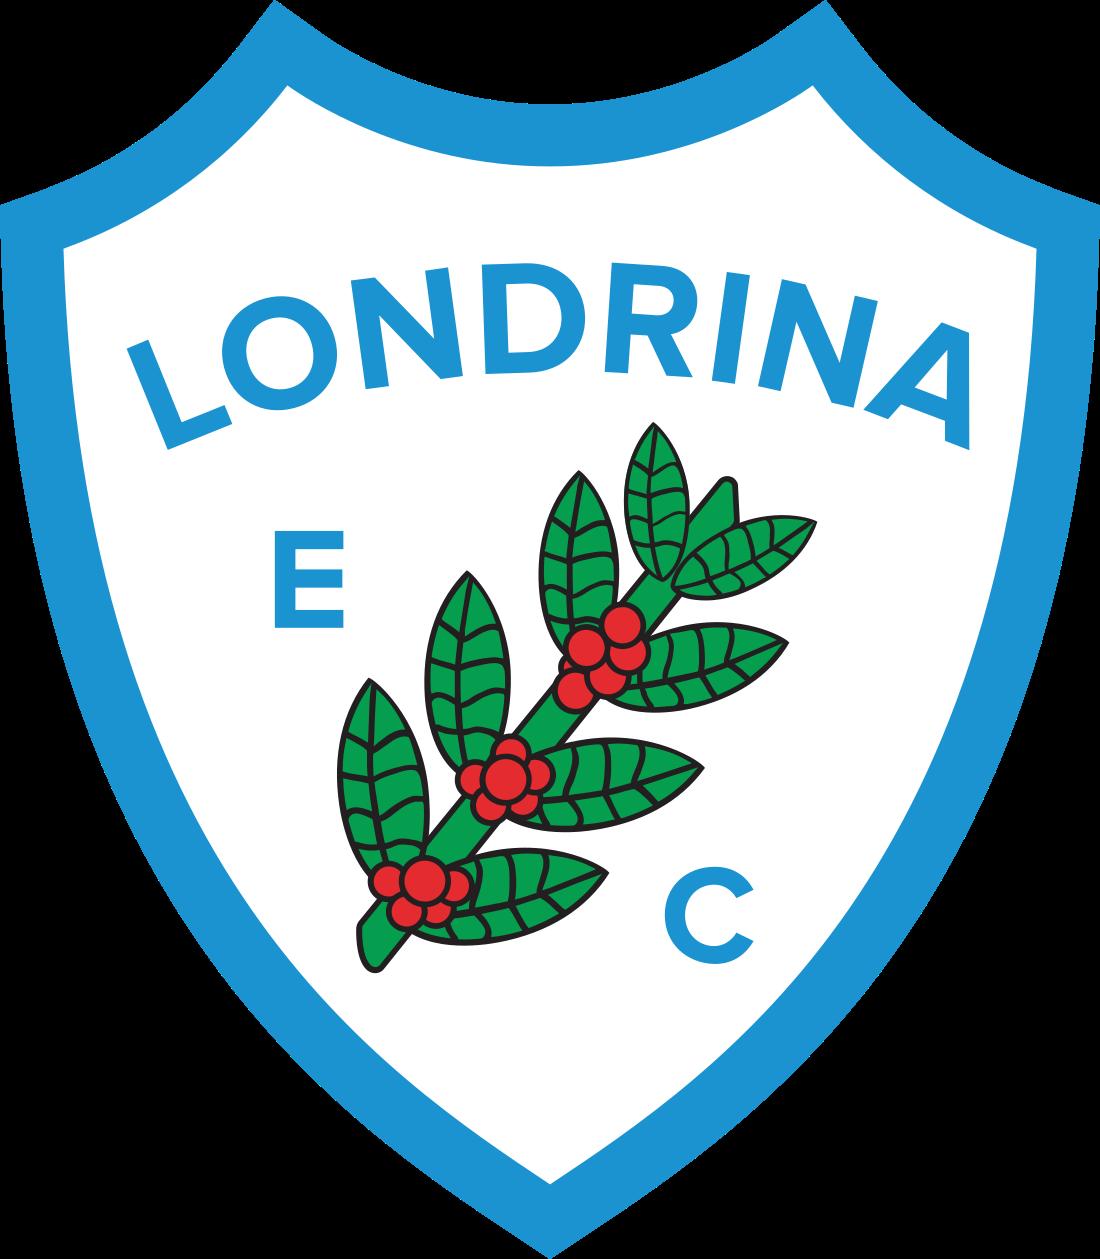 londrina ec logo escudo 5 - Londrina Logo - Escudo - Londrina Esporte Clube Logo - Escudo